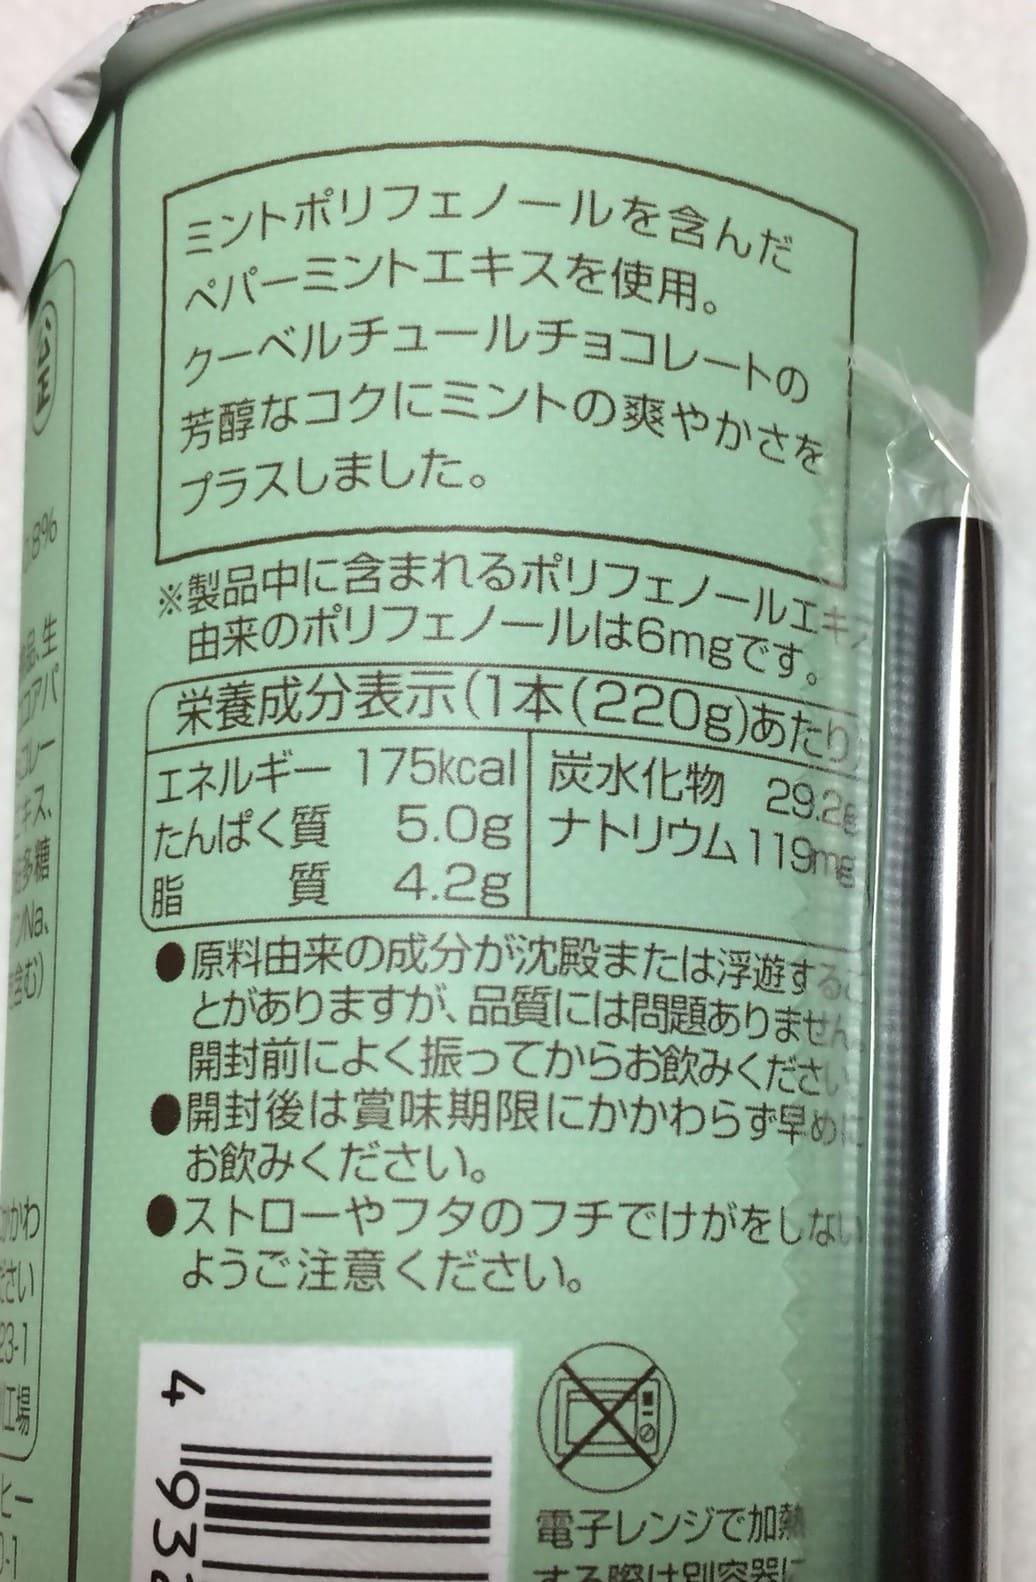 ミニストップカフェ ショコラミント食品表示2